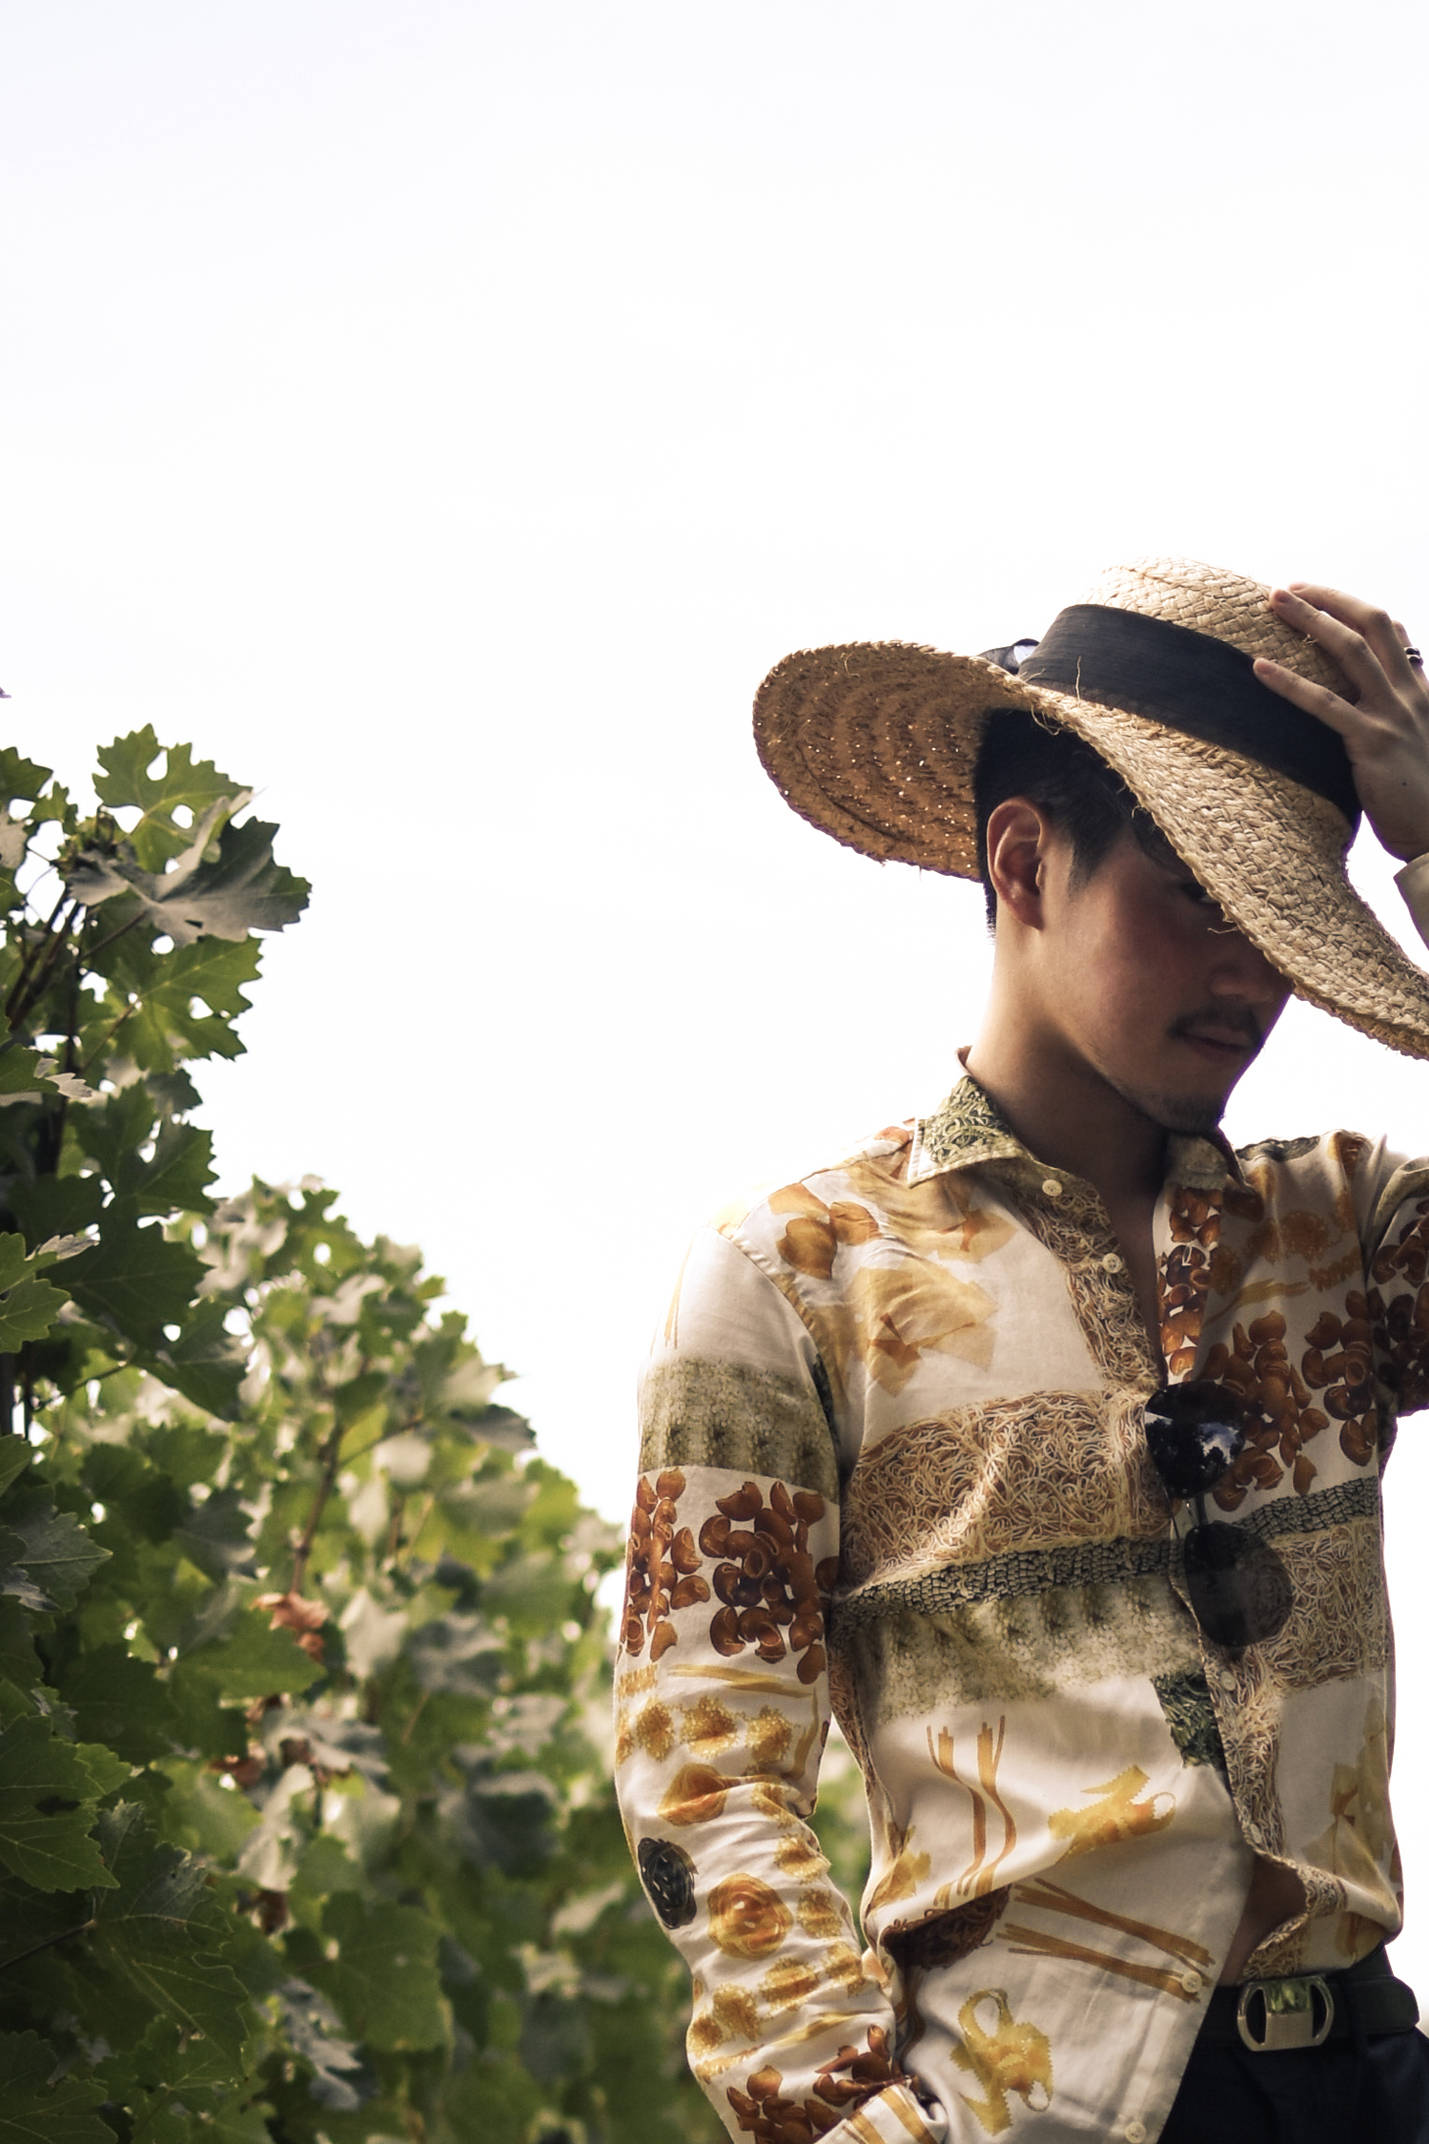 matt chu picchu the vineyard man 3